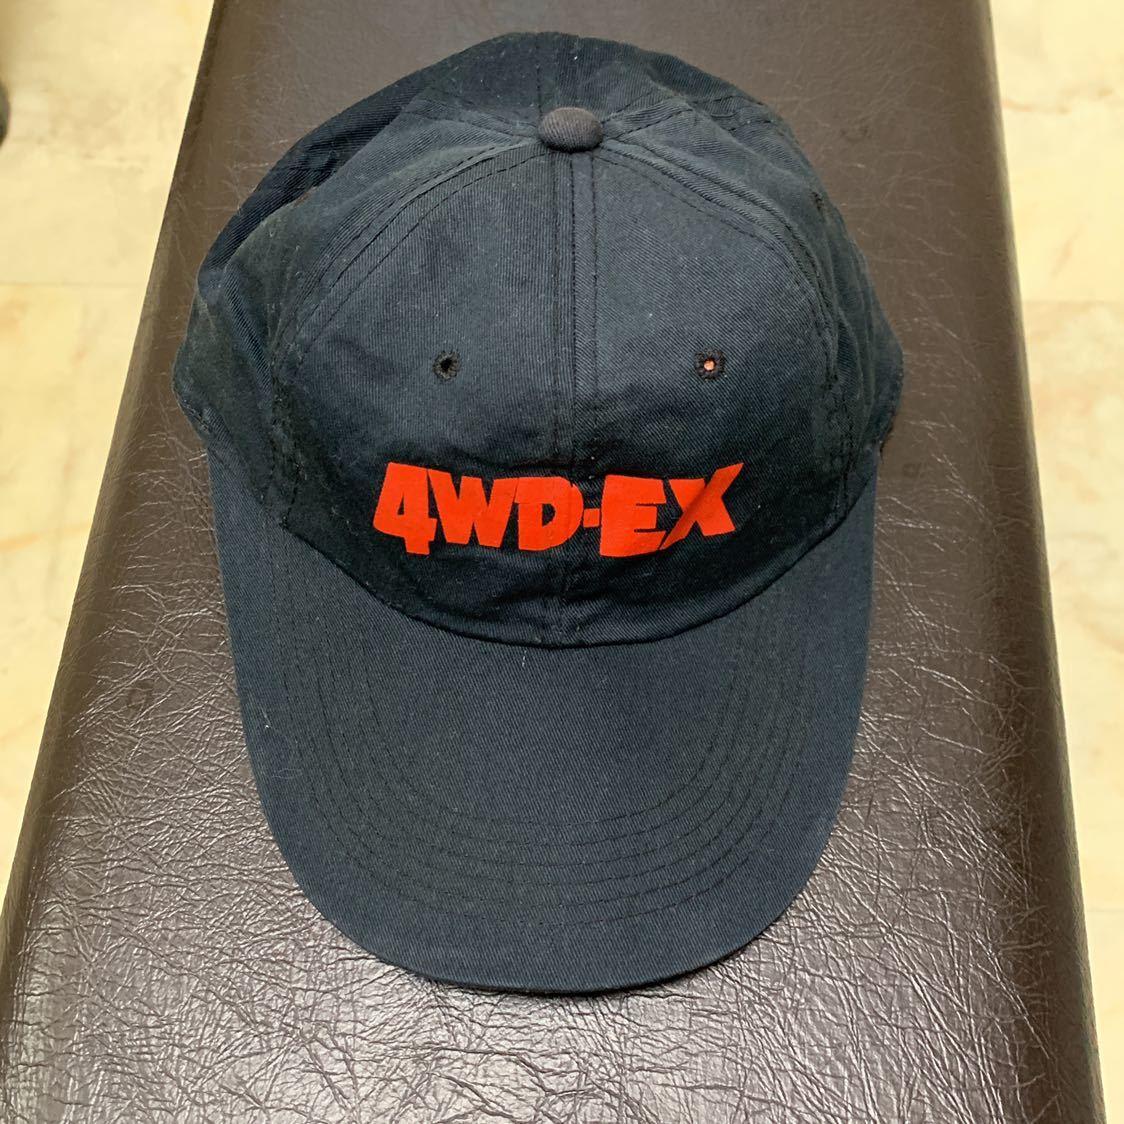 【200円売切♪】4WD-EX(4WD エクスプローラー) キャップ(スズキ ジムニー ランクル ランドクルーザー サファリ 帽子)_画像1